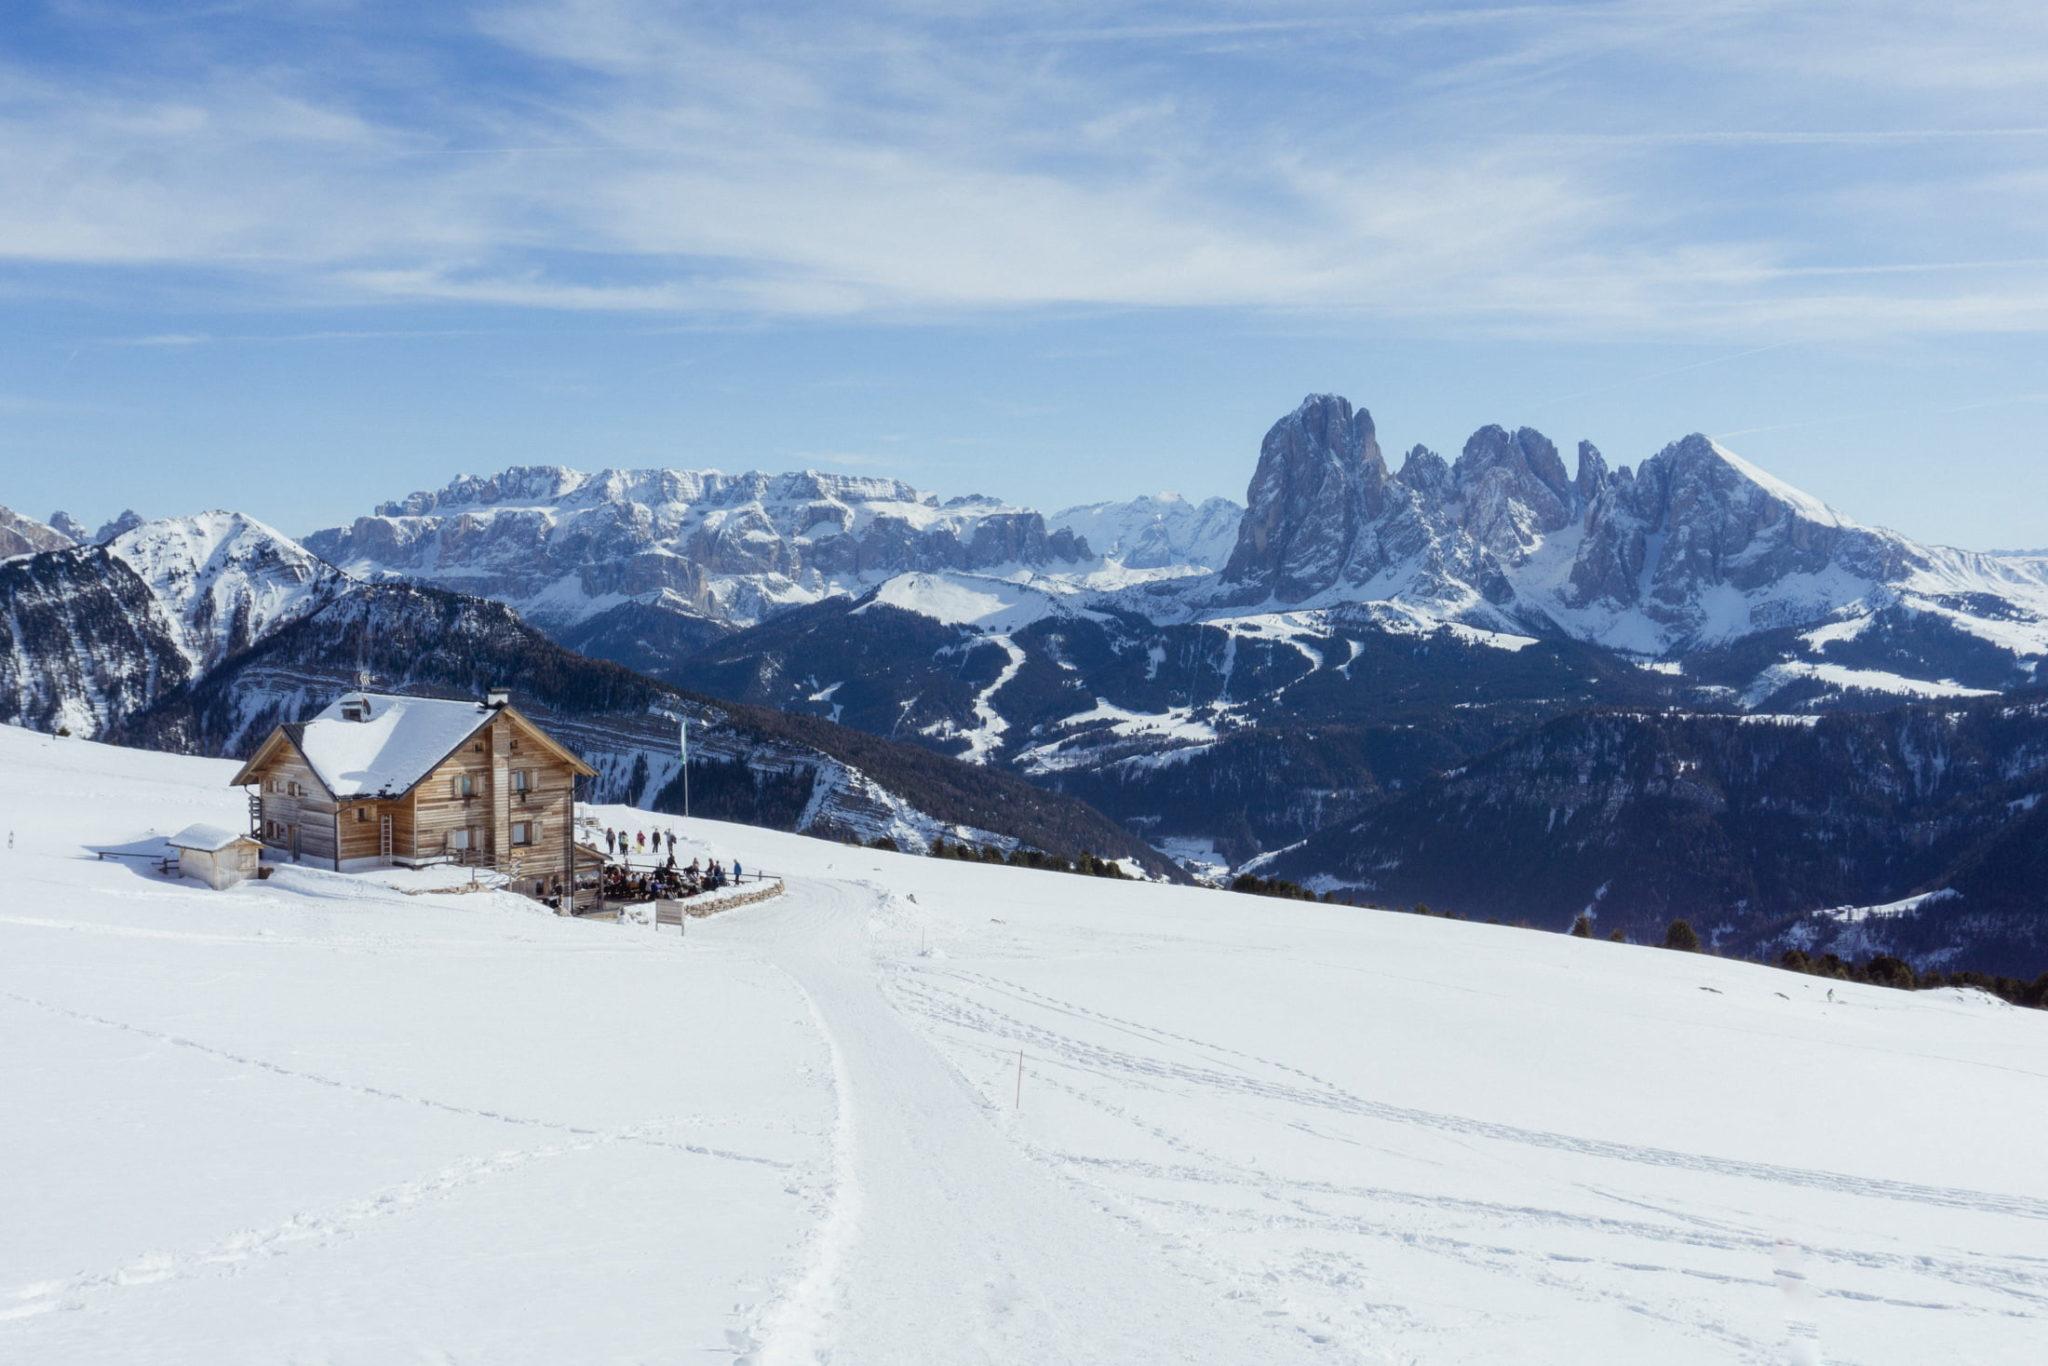 Il Rifugio Resciesa in inverno - Foto © Dolomiti Review